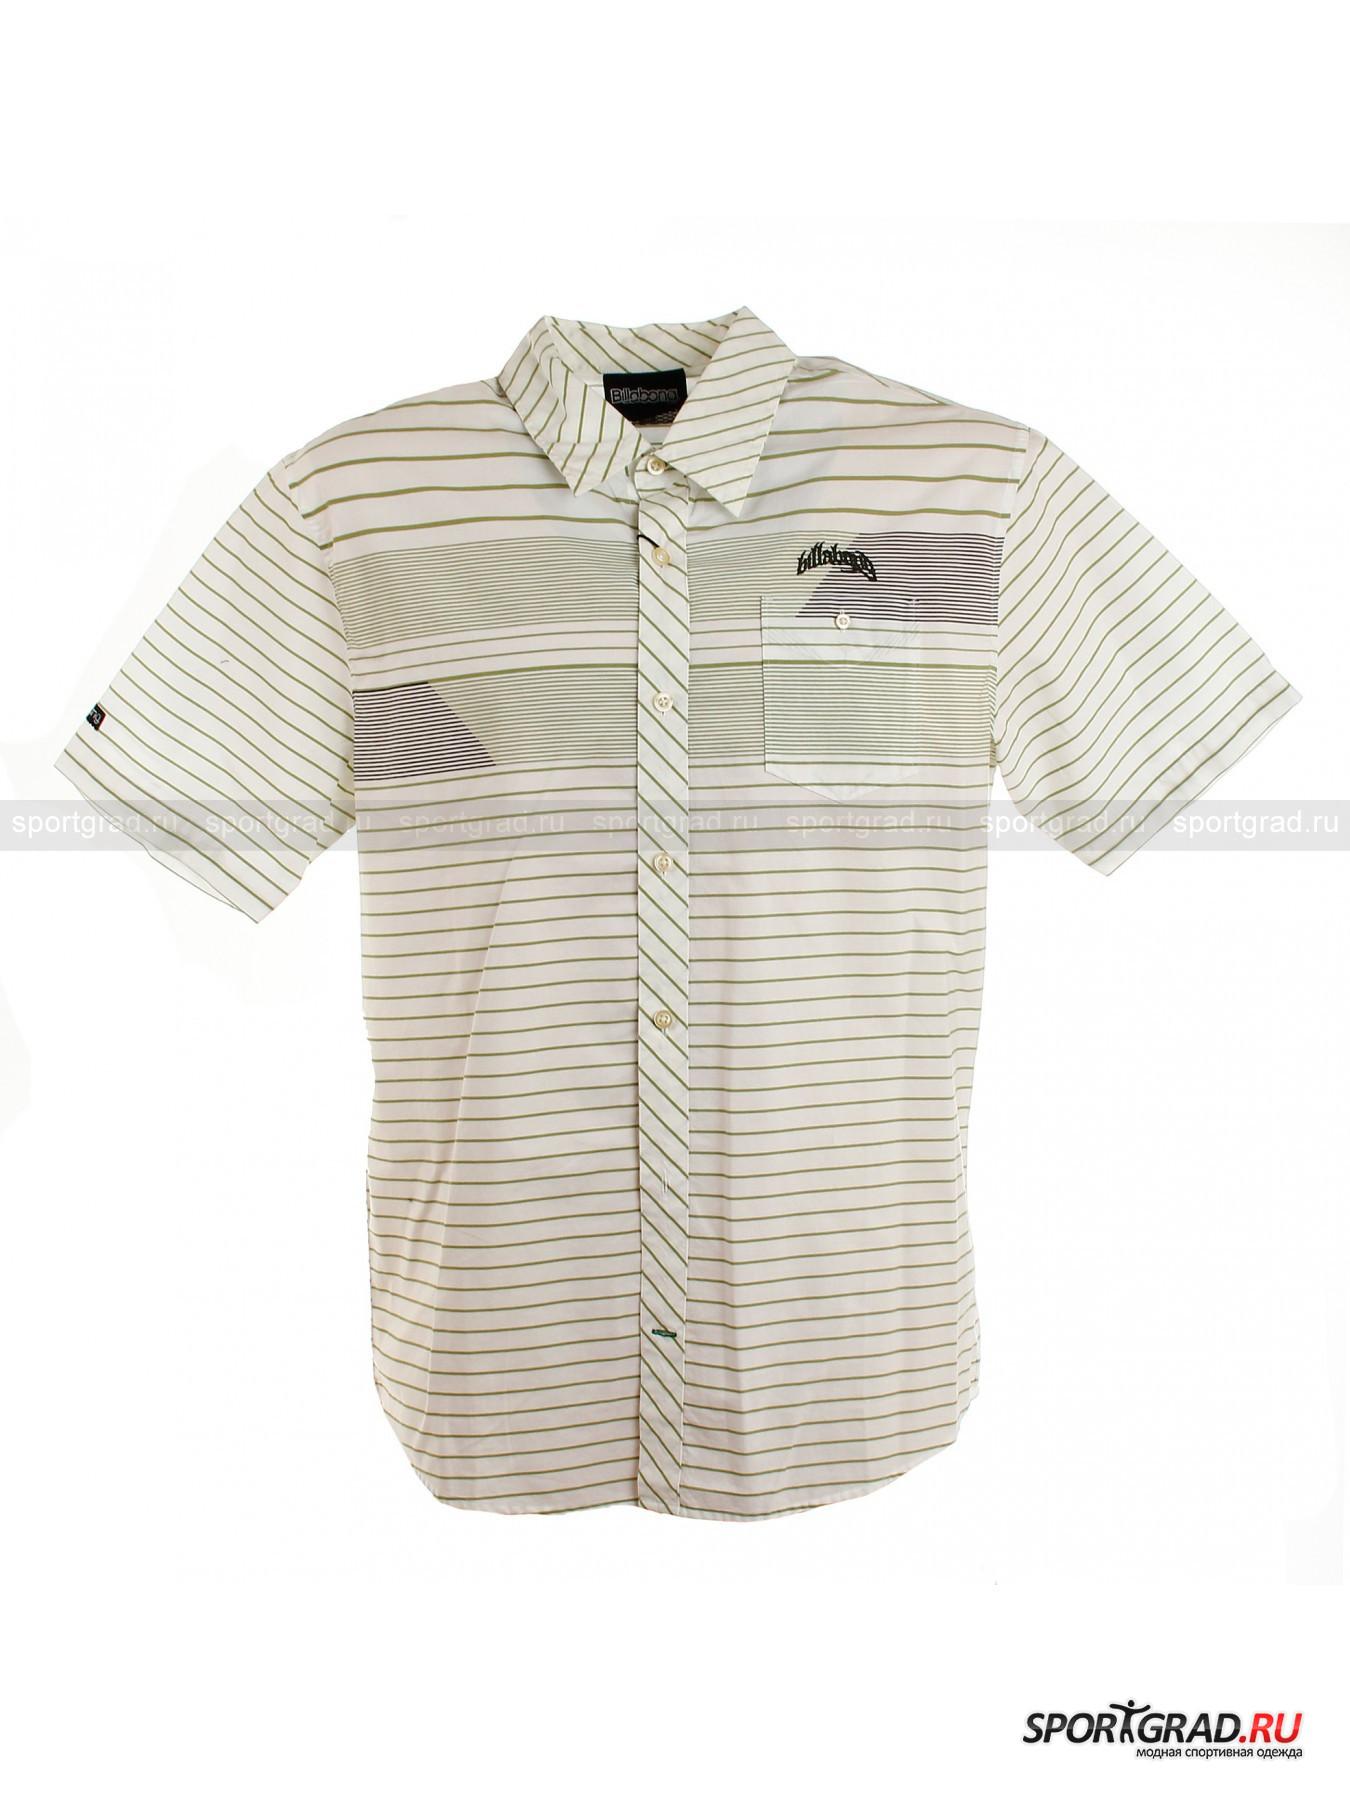 Рубашка мужcкая BILLABONG Cactus от Спортград